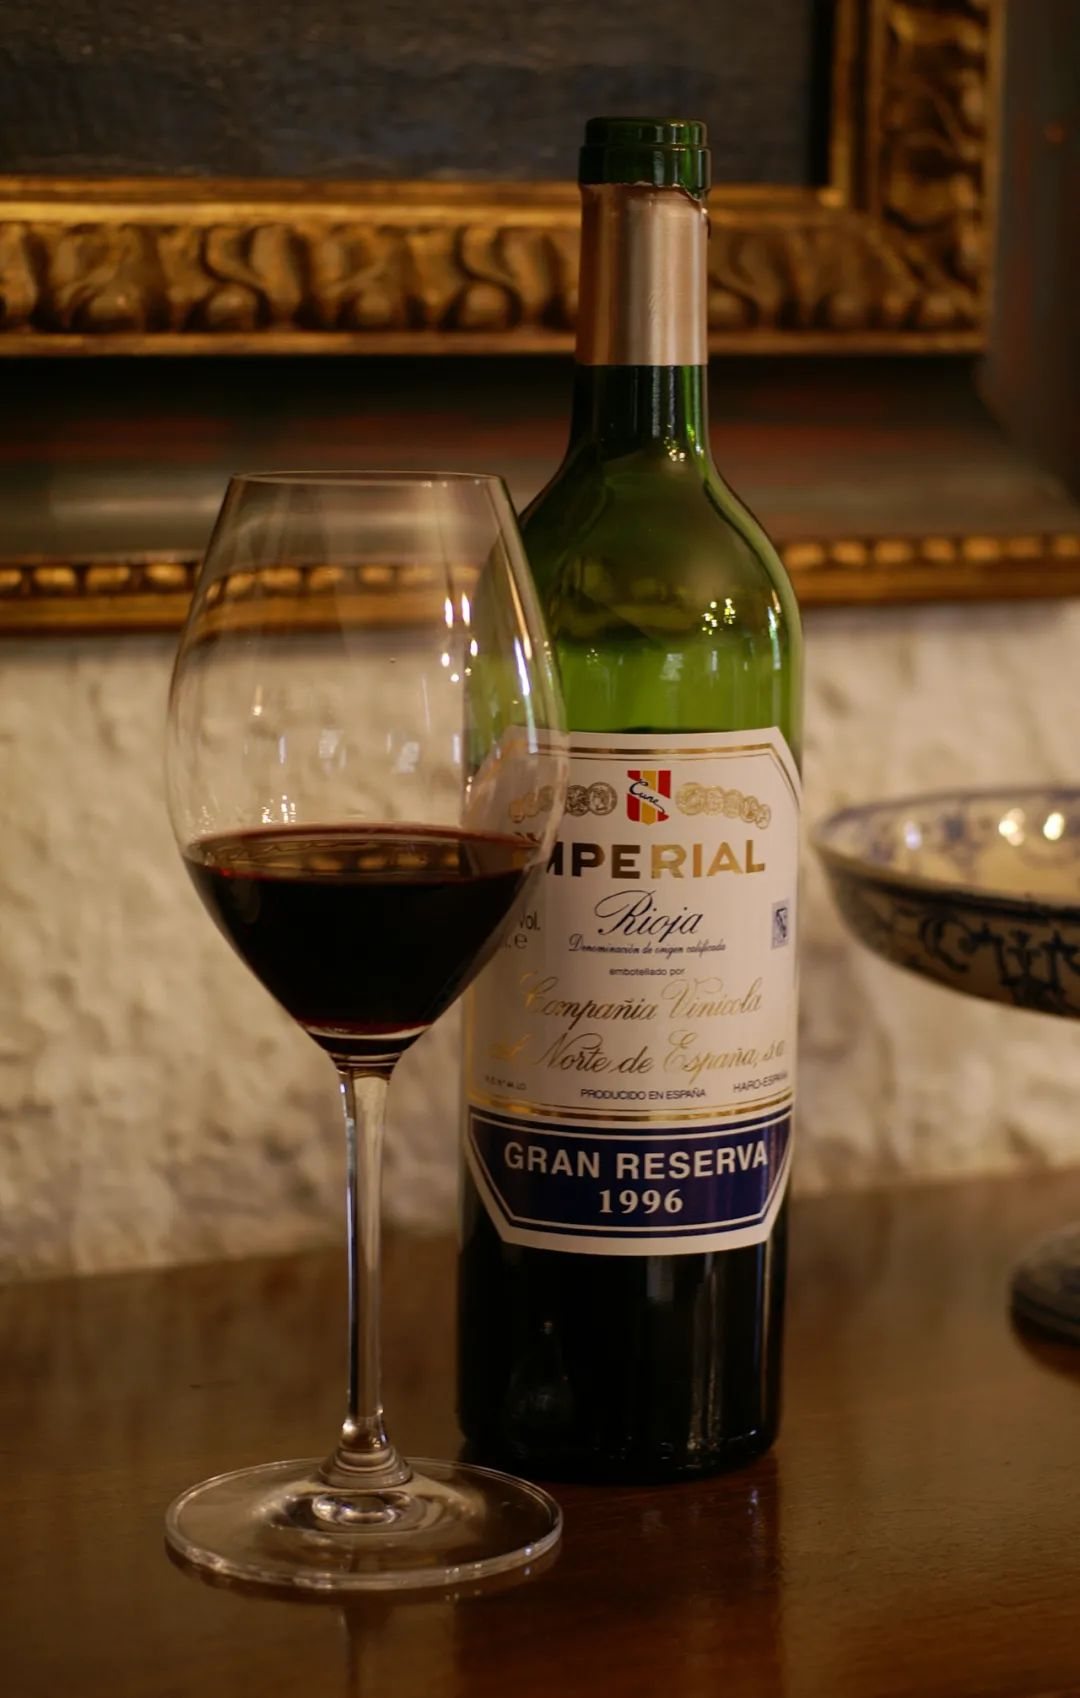 林裕森专栏 西班牙不死的经典Gran Reserva